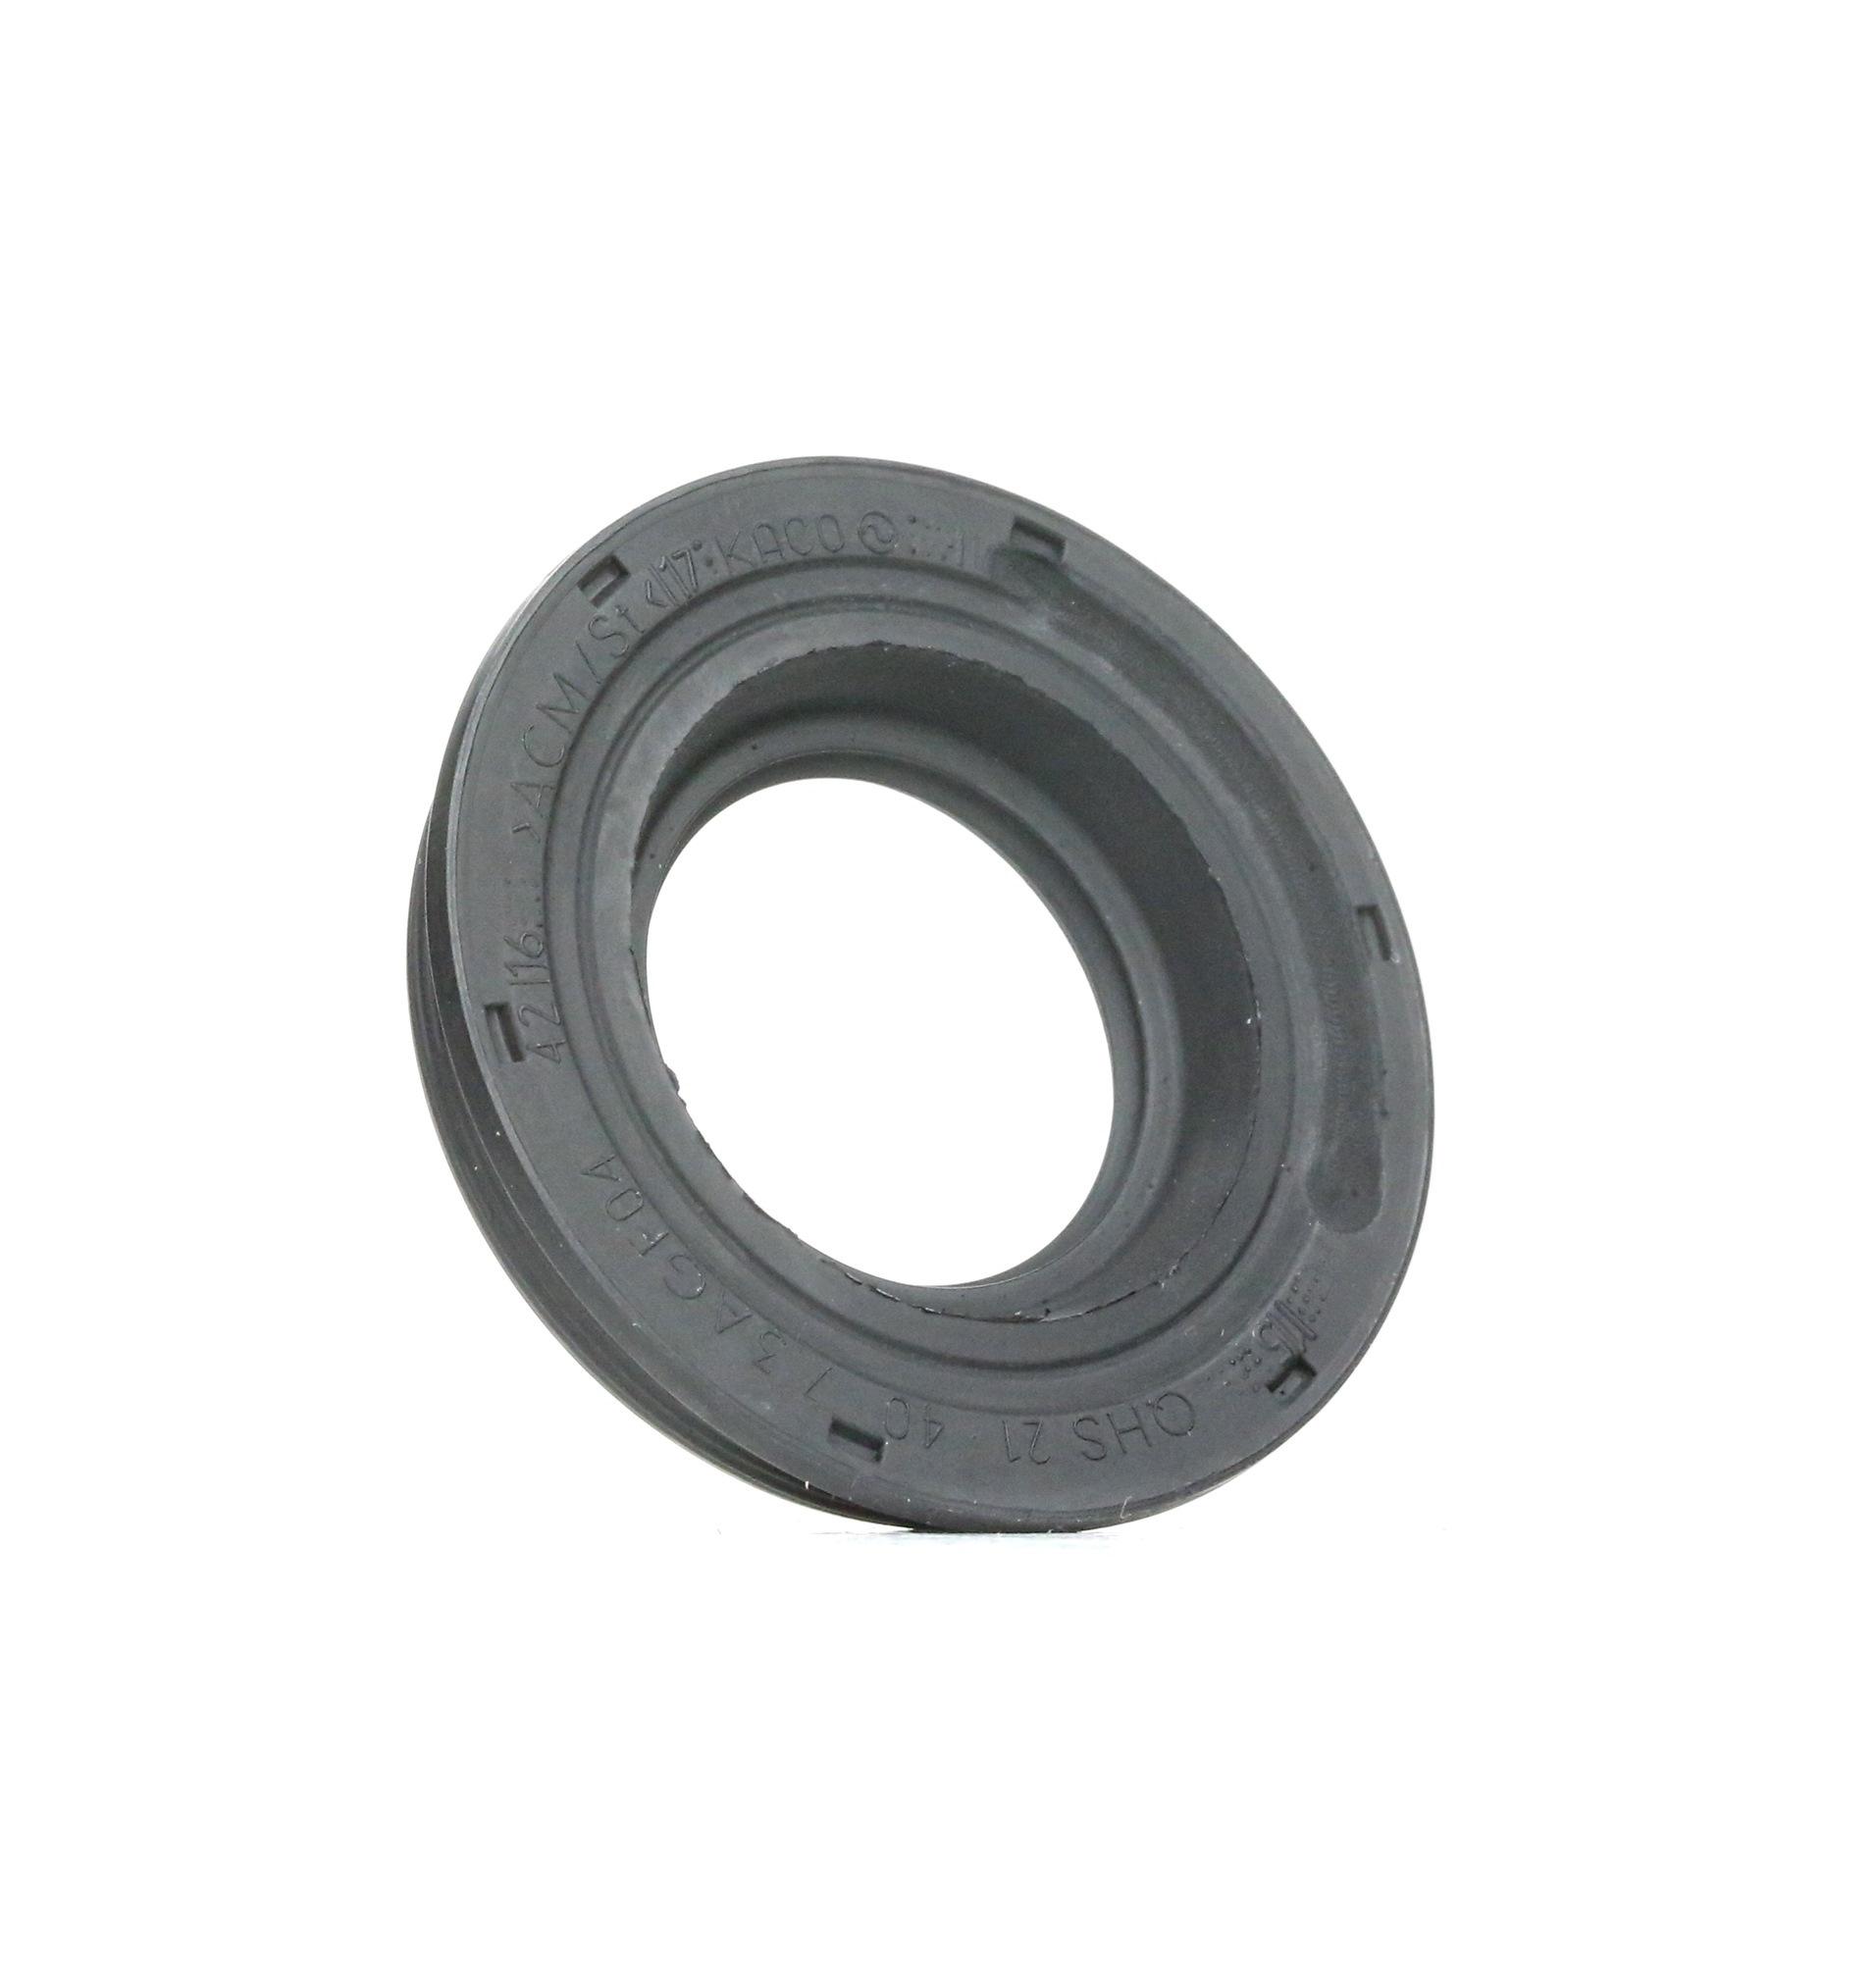 Achetez Joints et rondelles d'étanchéité FEBI BILSTEIN 106242 () à un rapport qualité-prix exceptionnel